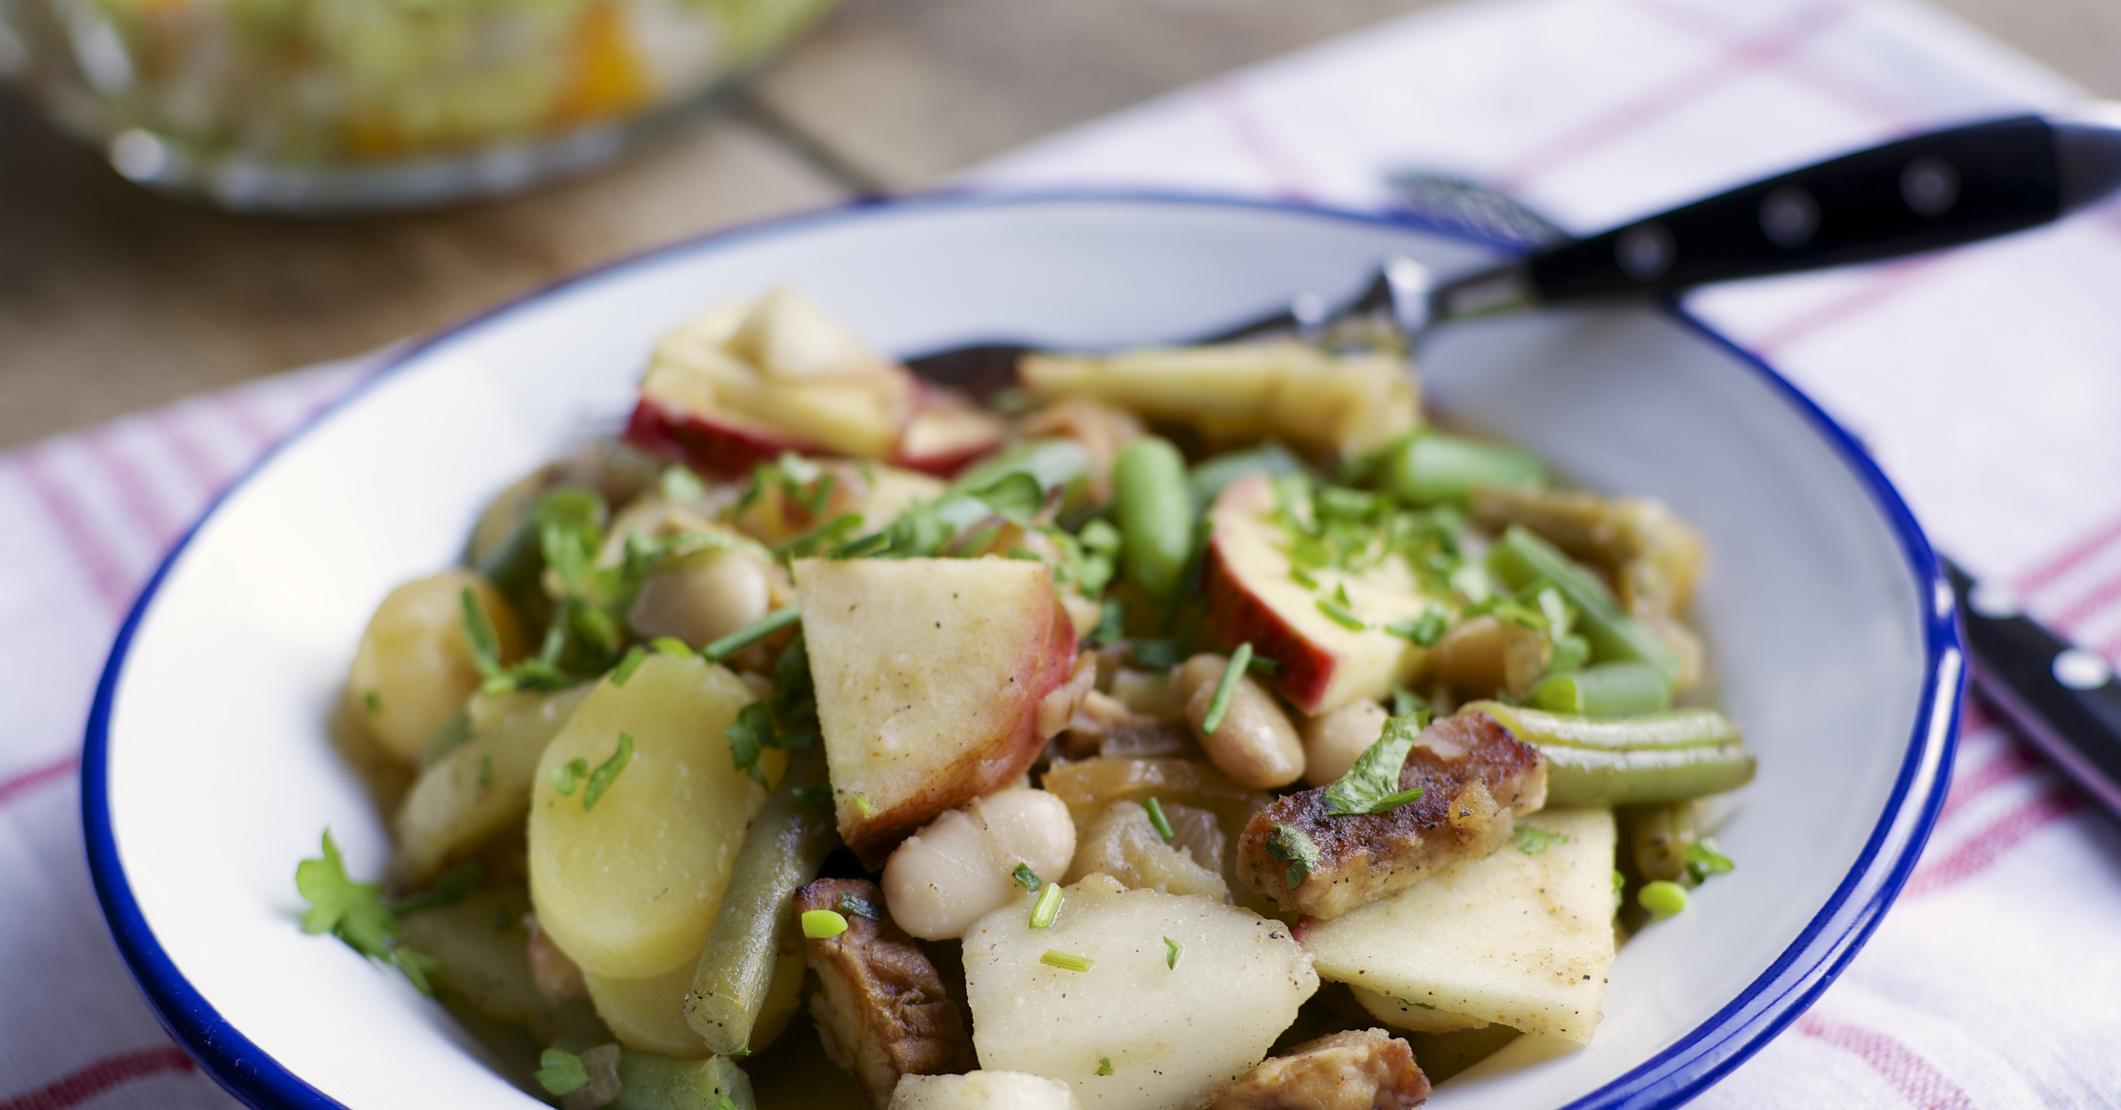 Сладкий картофель рецепты приготовления с фото